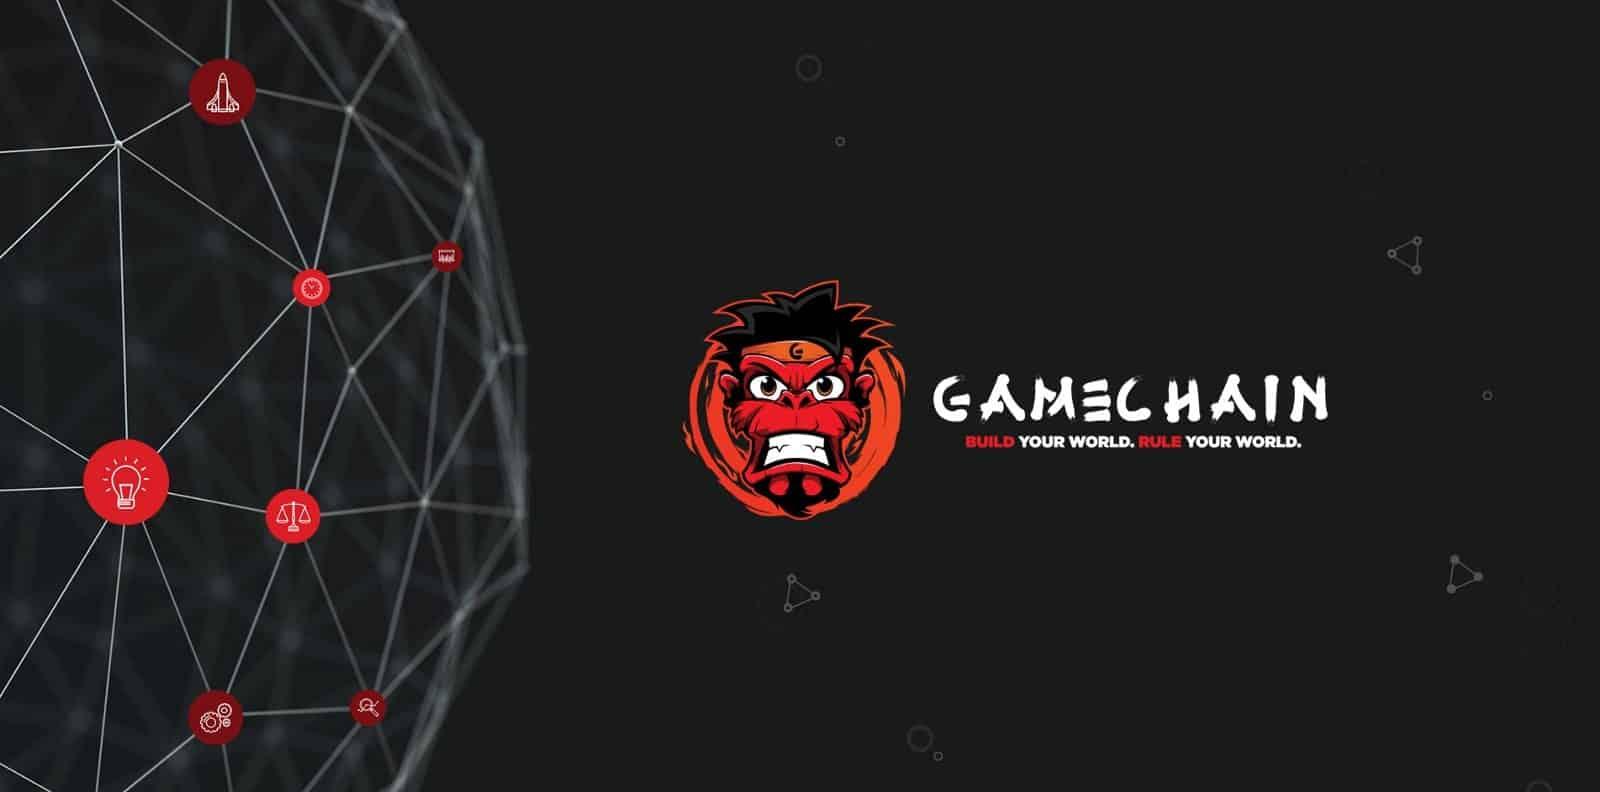 GameChain Setting To Launch Blockchain Platform